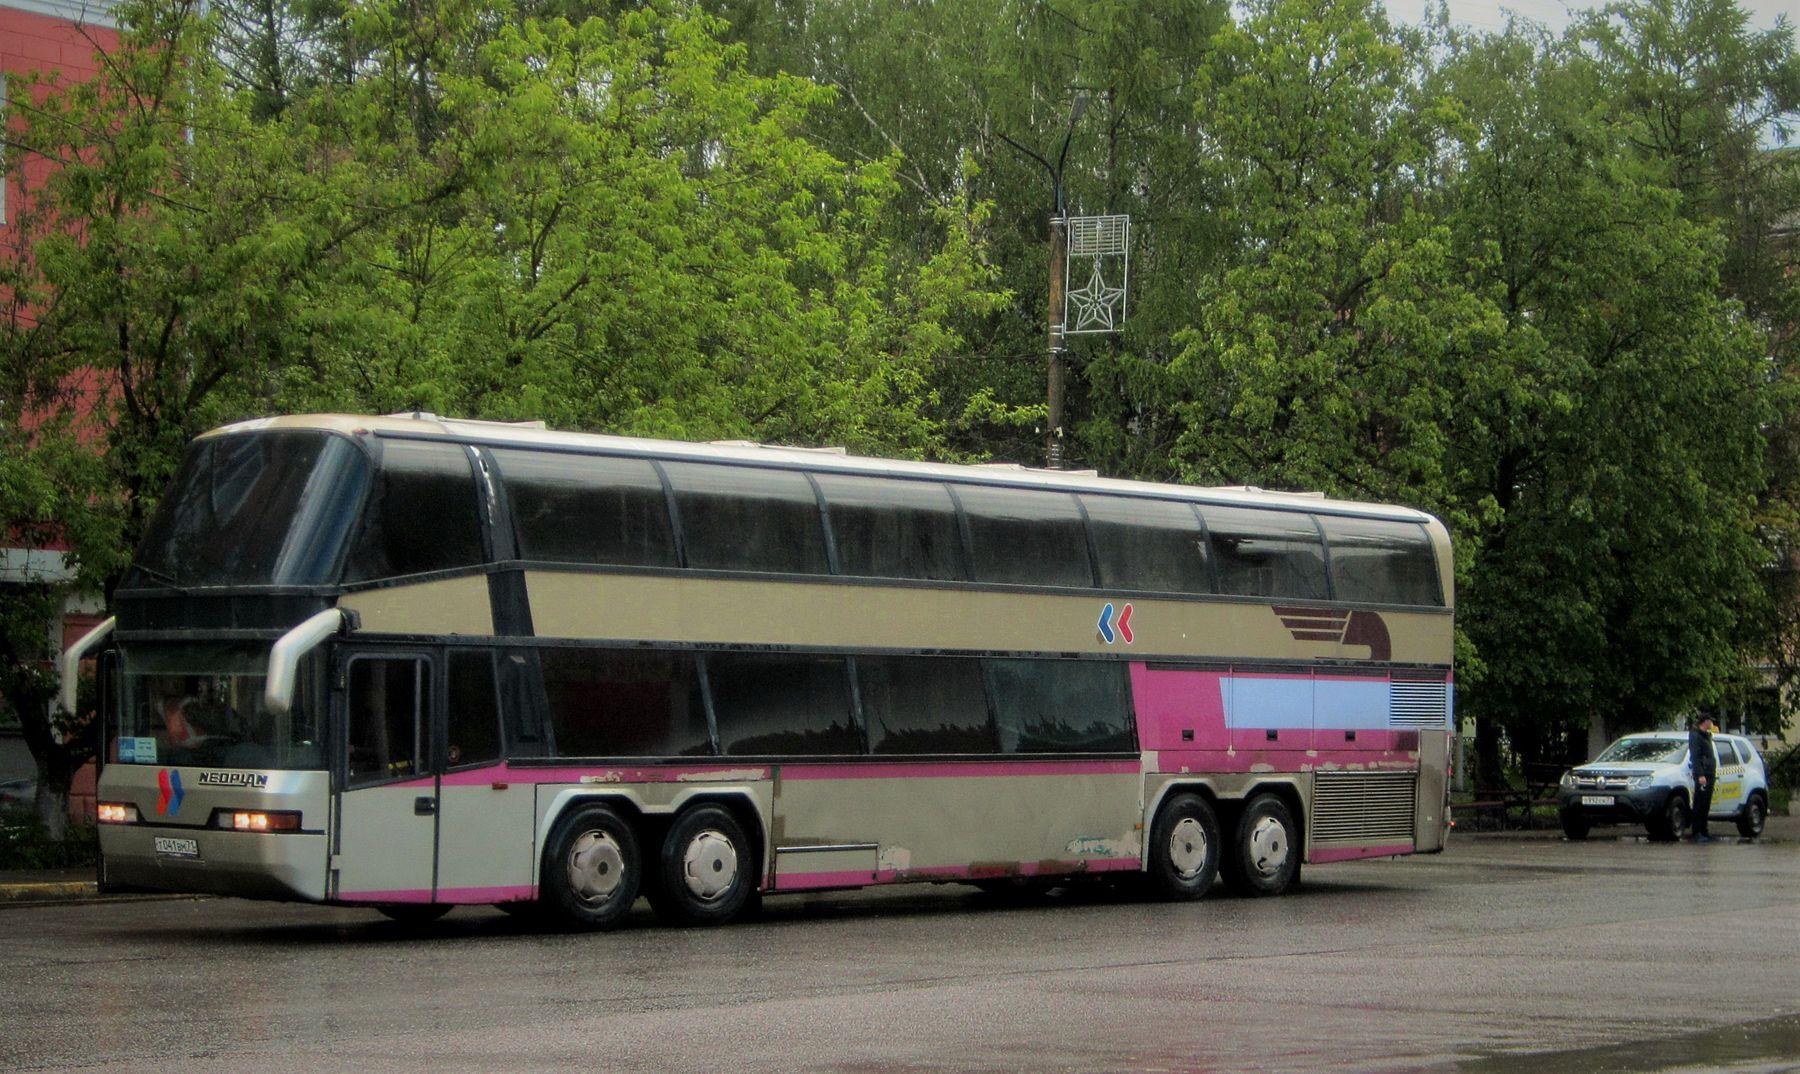 NEOPLAN NEOPLAN автобус улица город лето